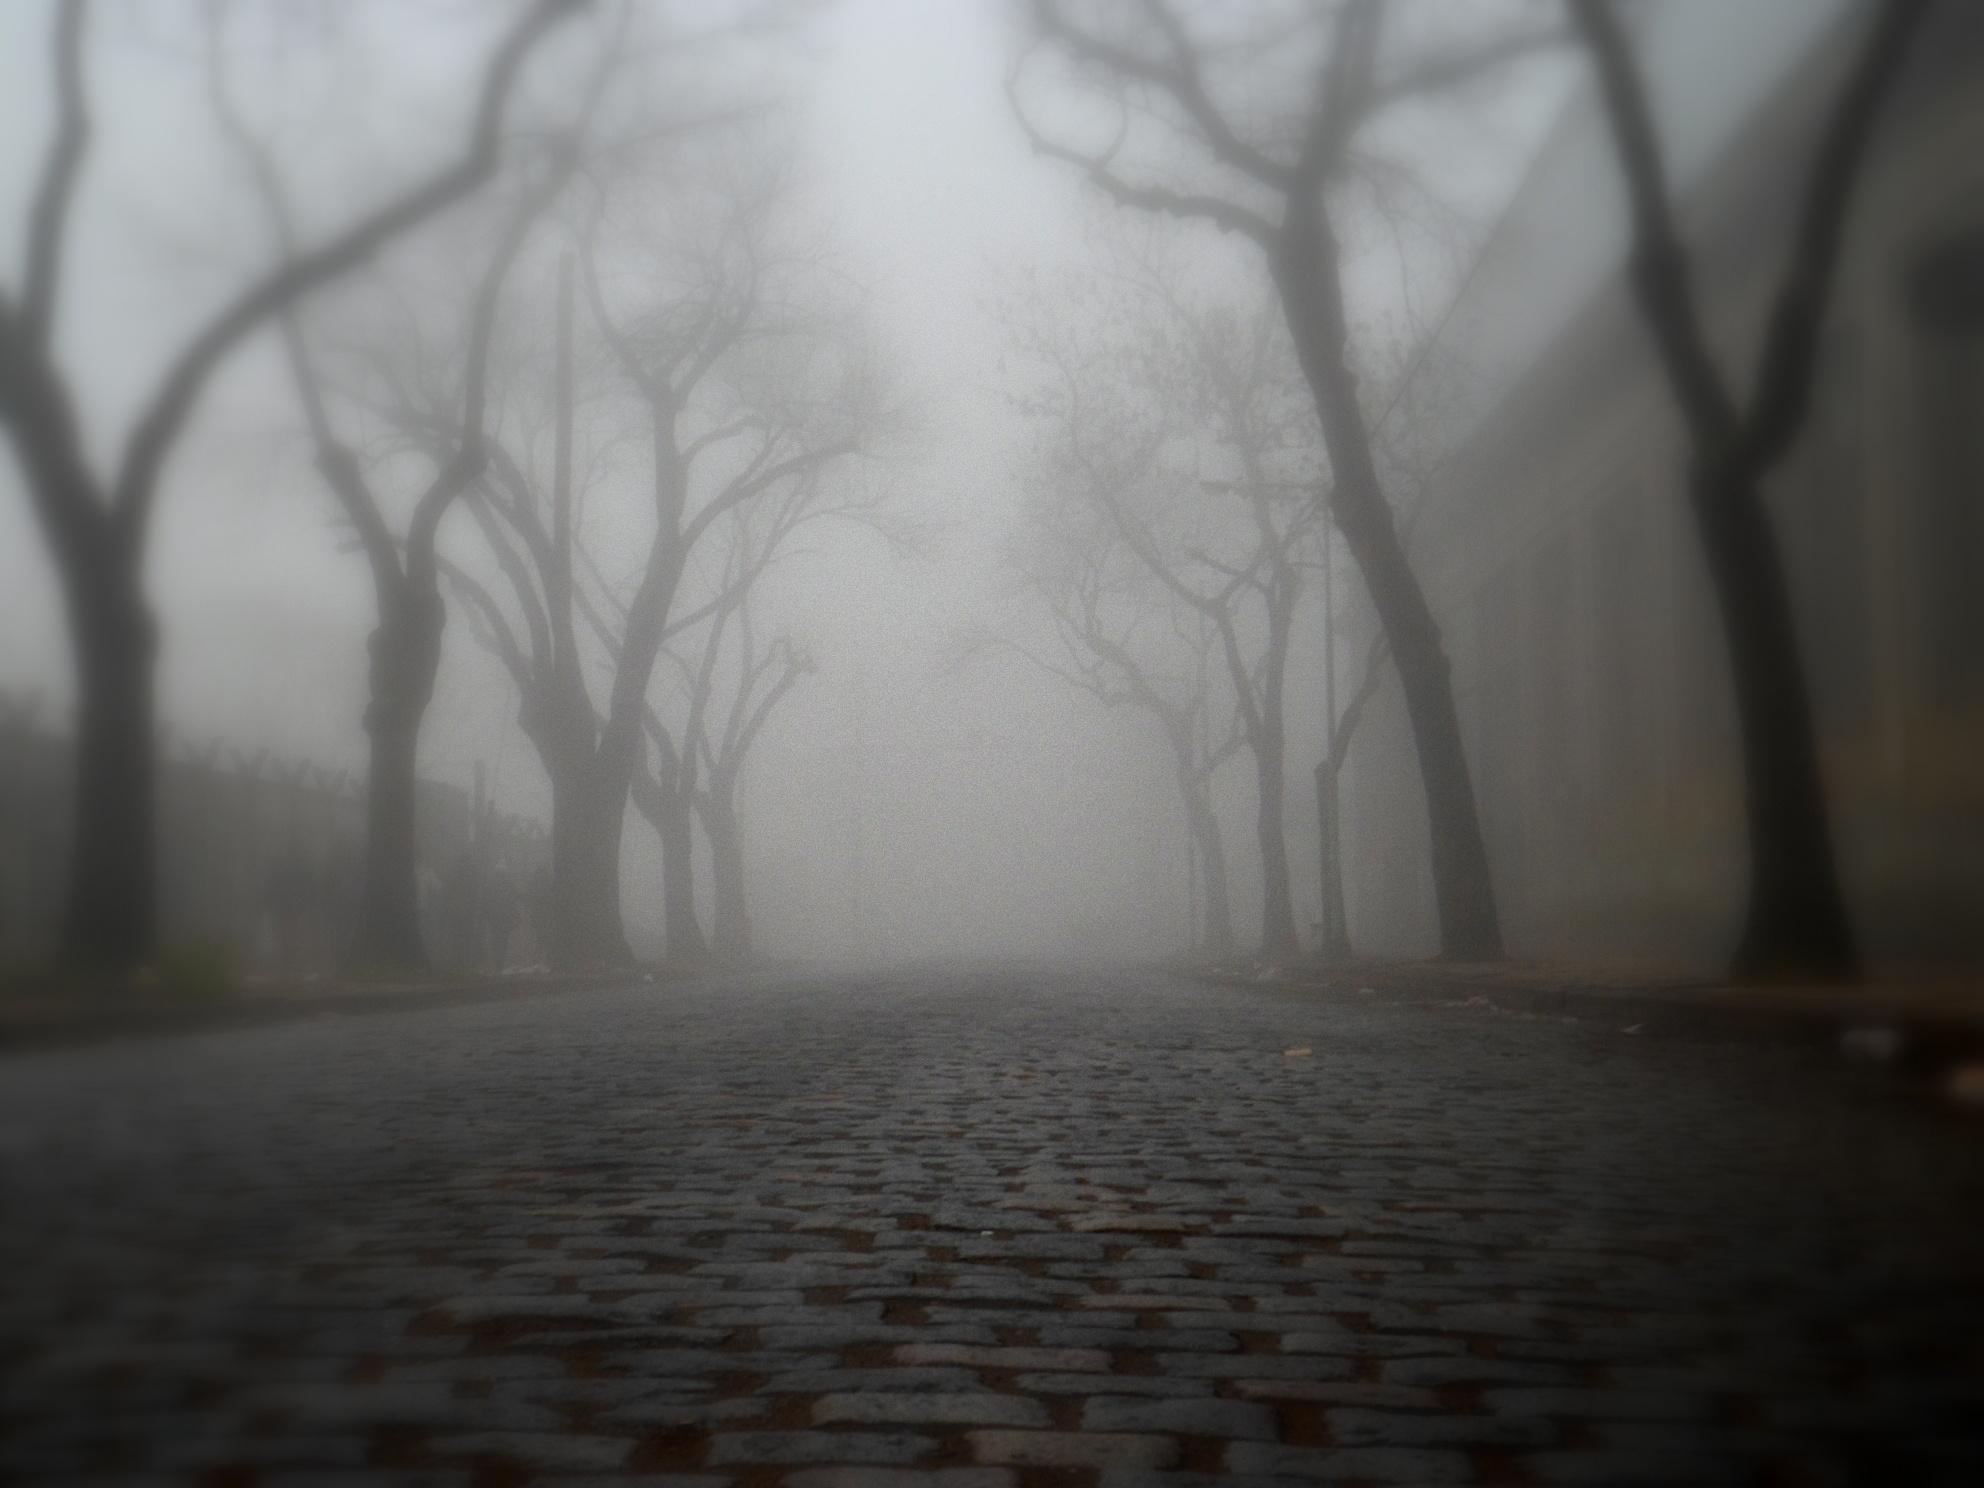 Into the fog by claudio.spirito.7